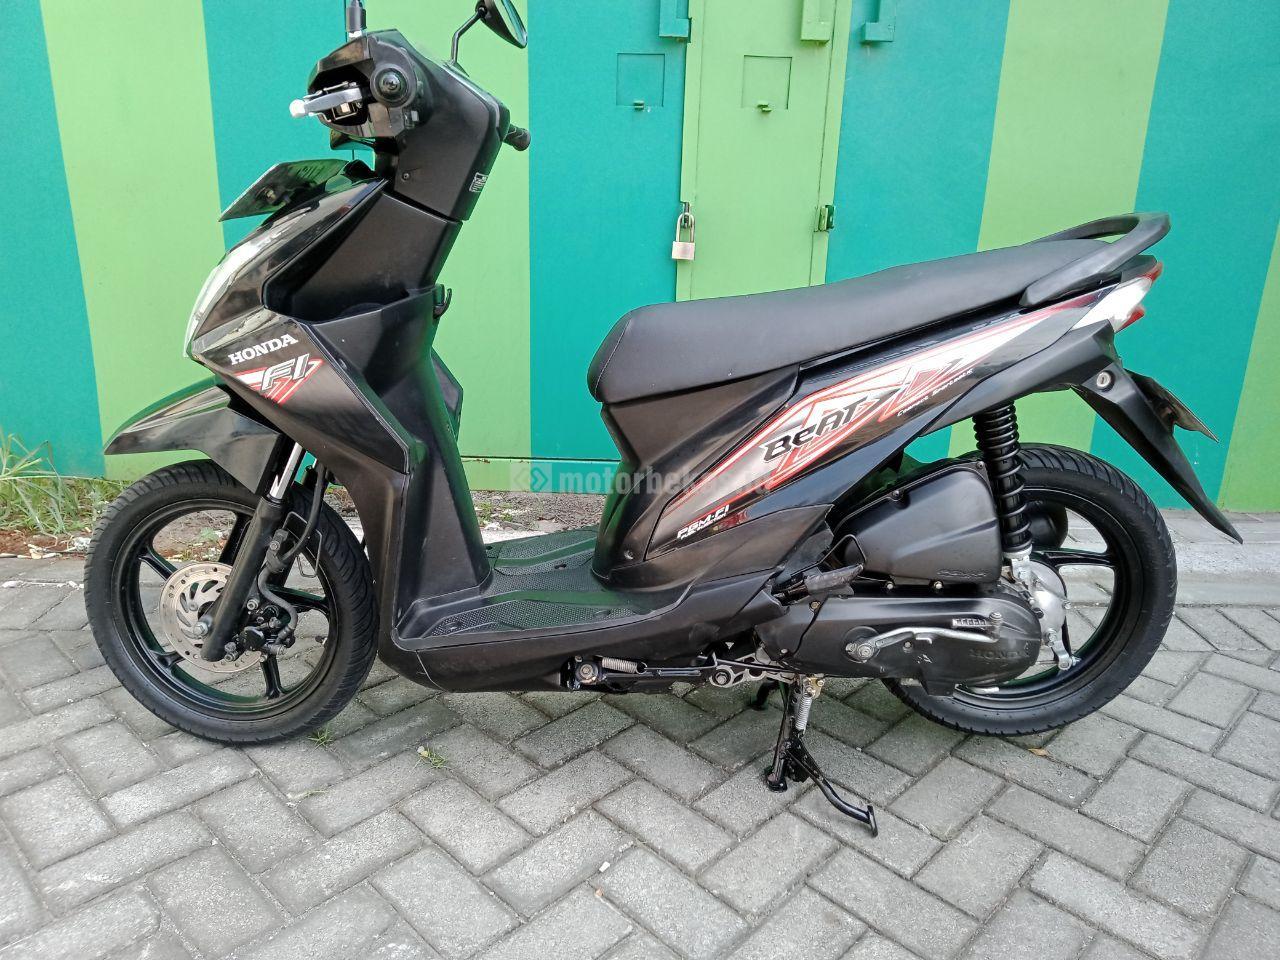 HONDA BEAT FI 3060 motorbekas.id